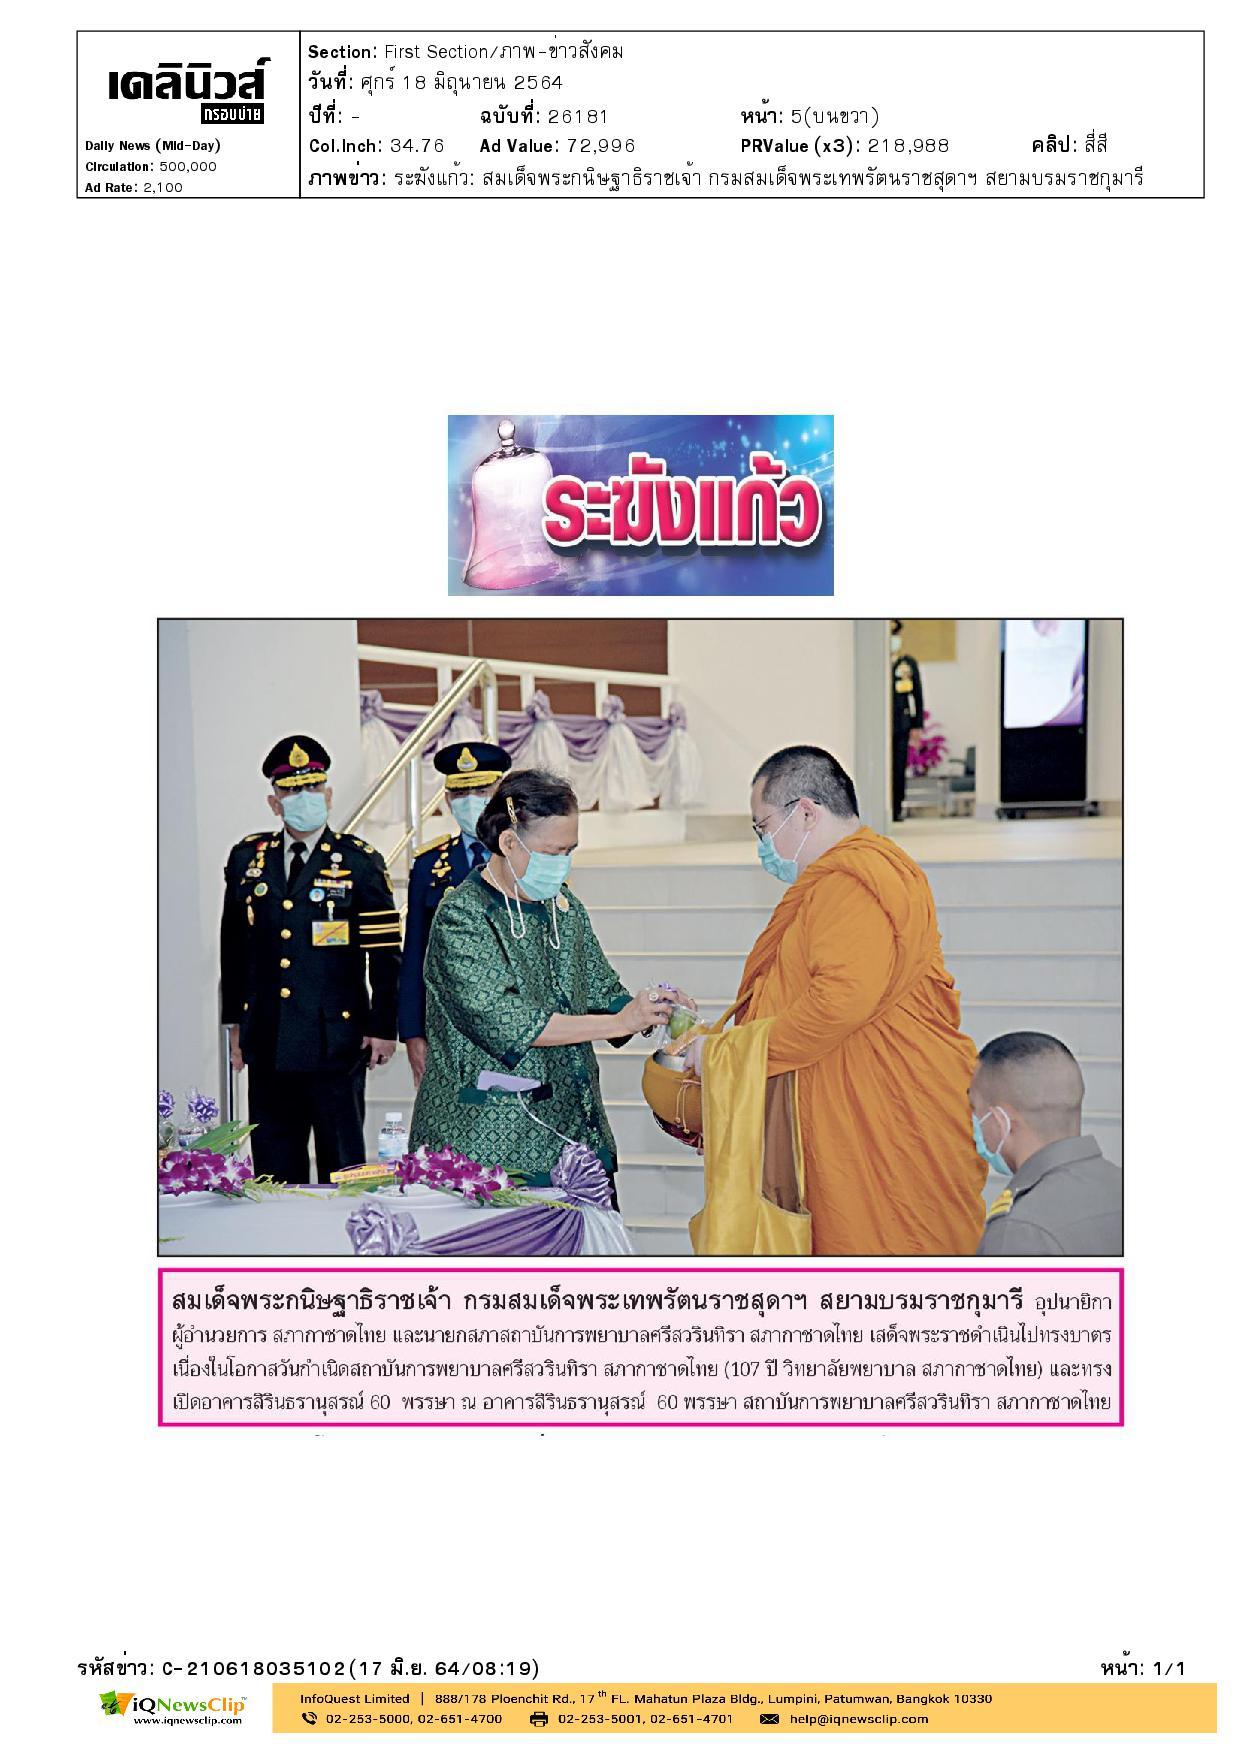 สมเด็จพระกนิษฐาธิราชเจ้า กรมสมเด็จพระเทพรัตนราชสุดา ฯ สยามบรมราชกุมารี เสด็จฯ ไปทรงบาตร เนื่องในวันสถาปนาสถาบันการพยาบาลศรีสวรินทิรา สภากาชาดไทย